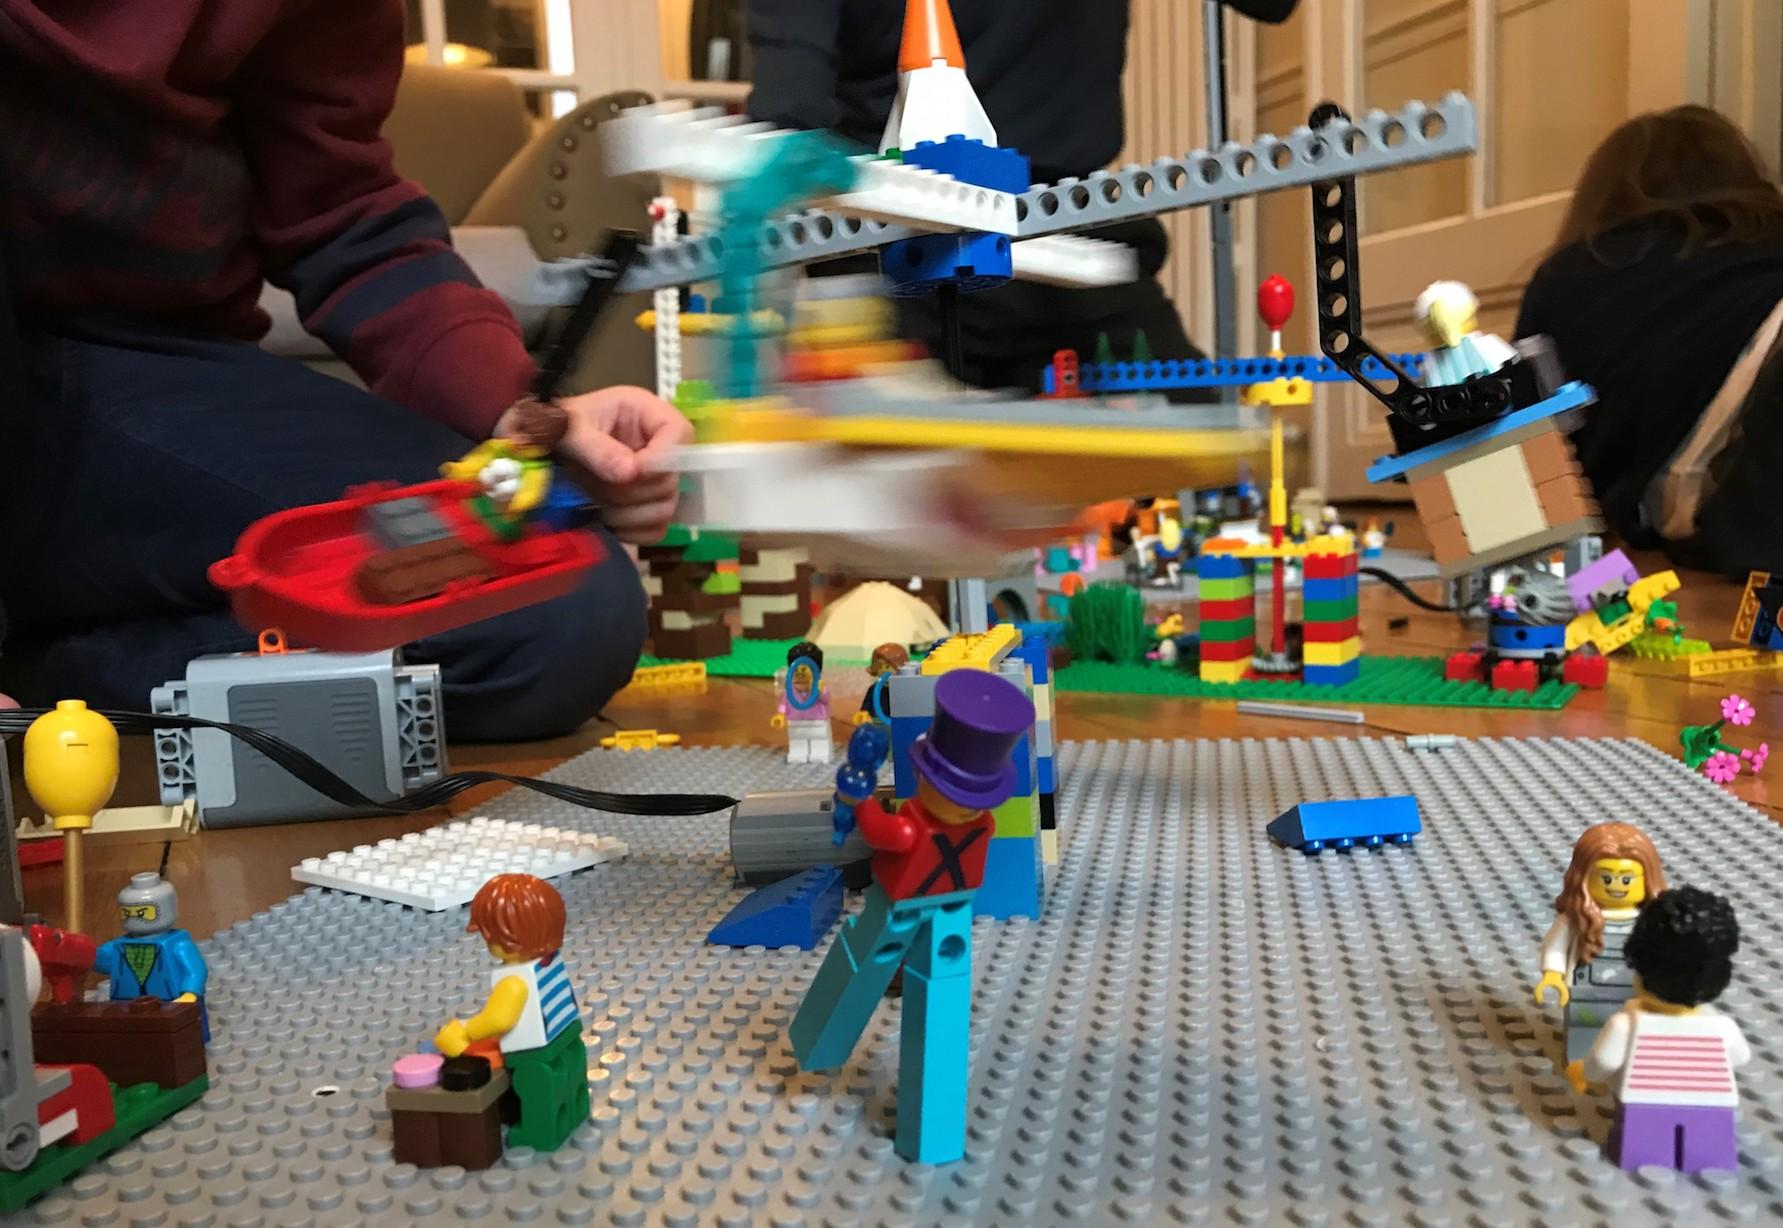 des ateliers lego ludiques et créatifs au ! Petion dans le 11ème à Paris